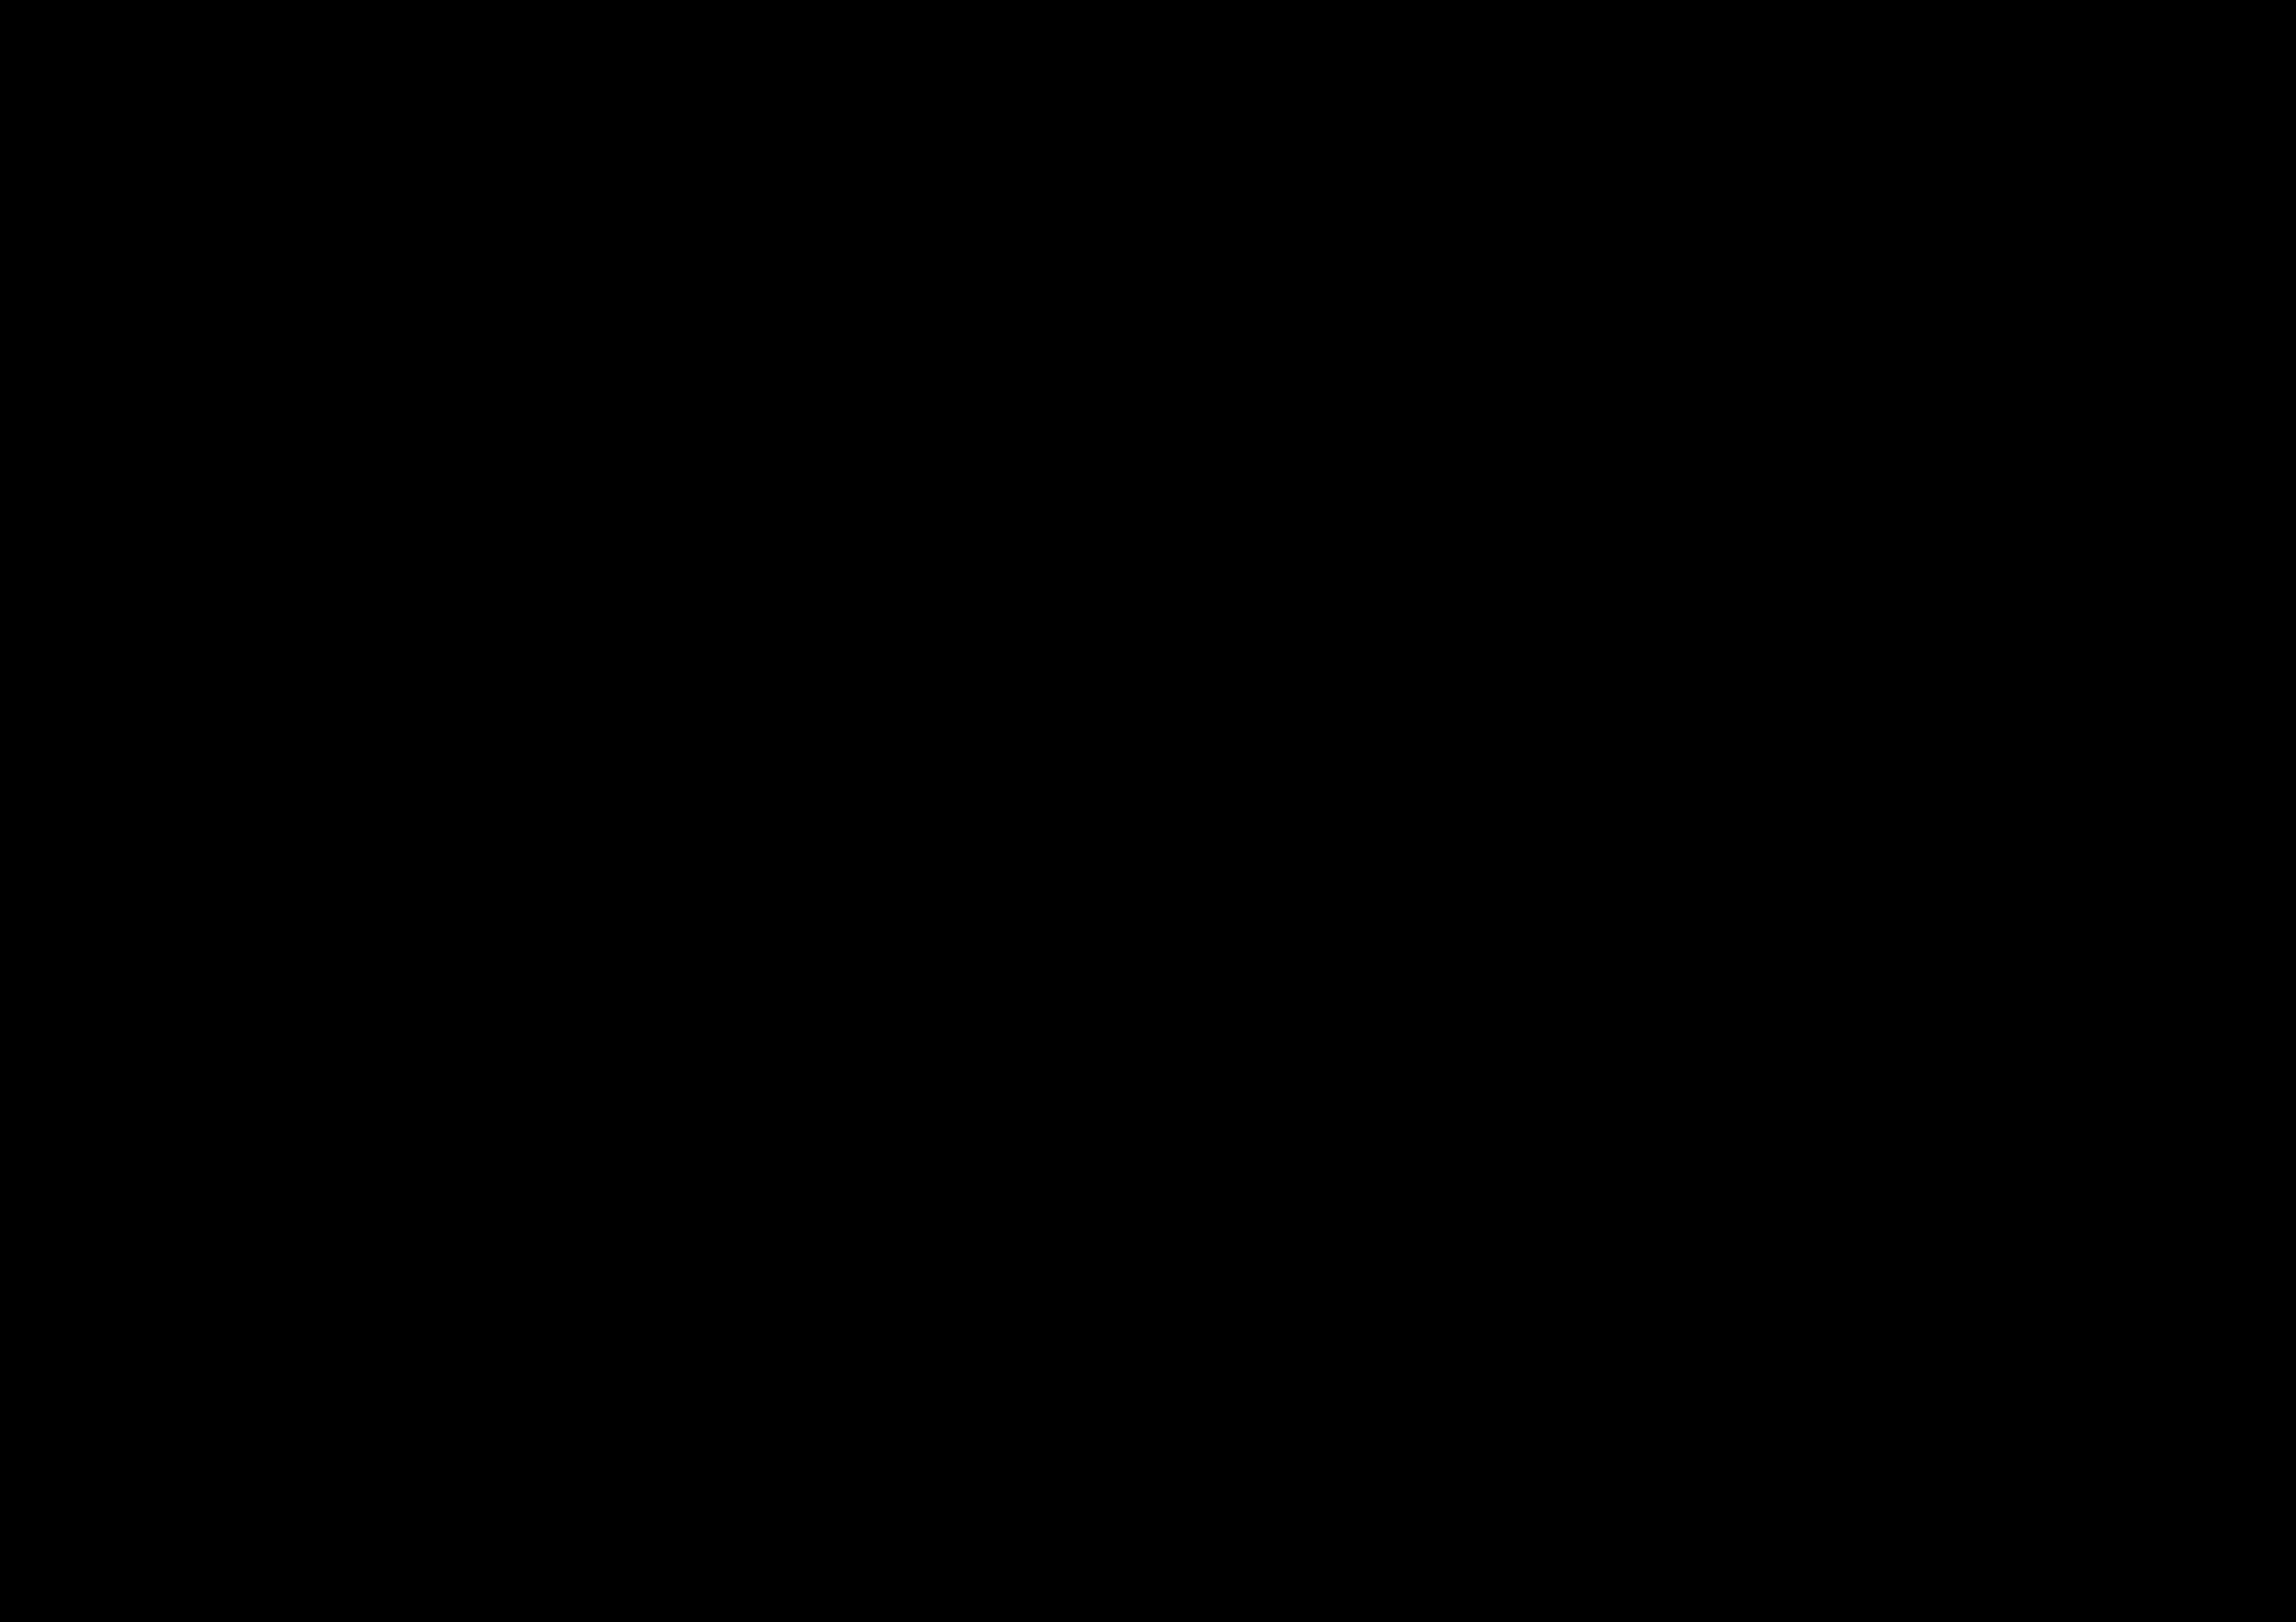 刀叉遇上筷子西餐厅厨房工程设计